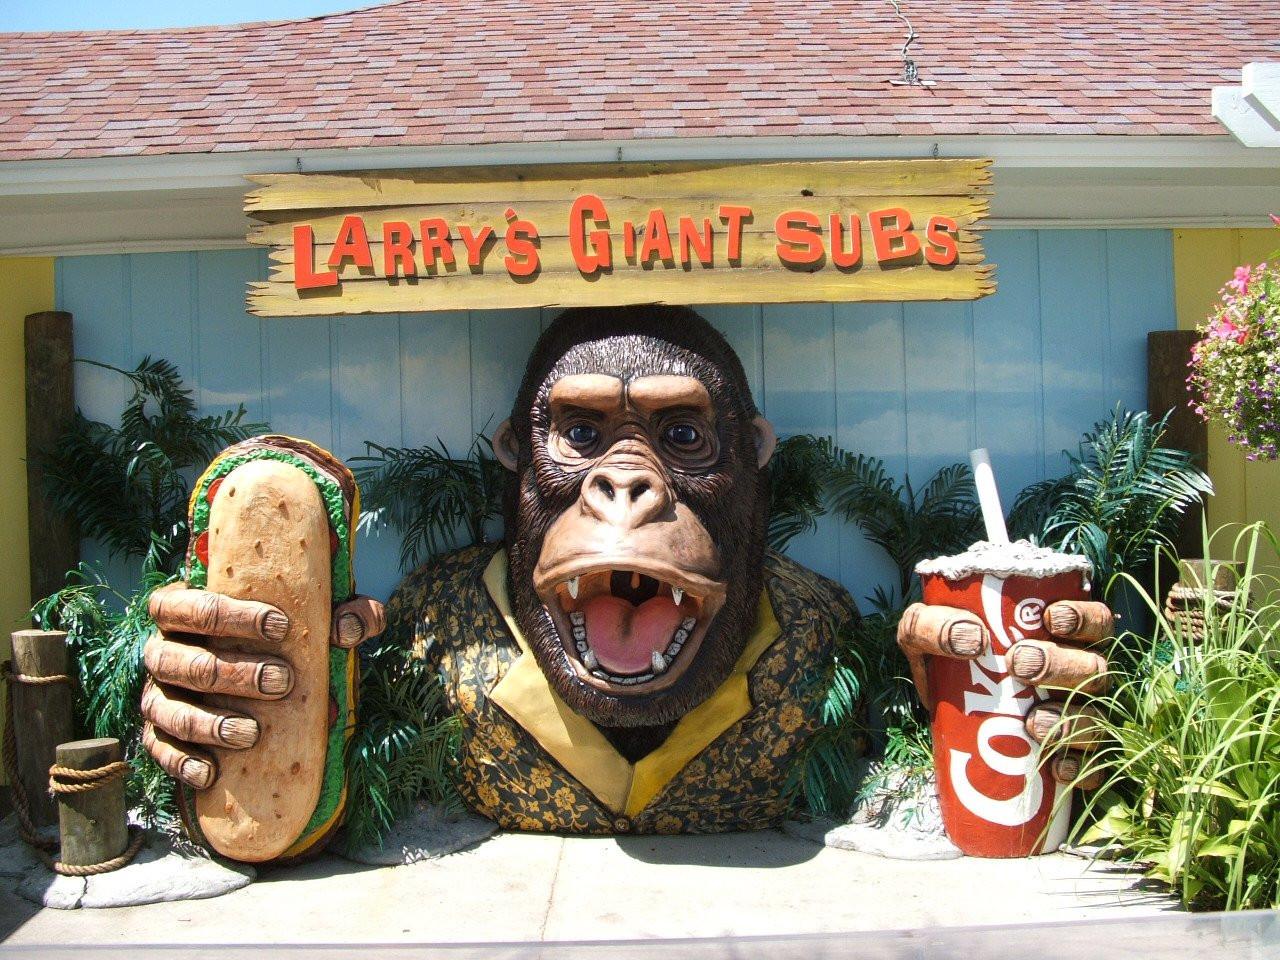 Larrys Giant Subs Jeckyl Island GA